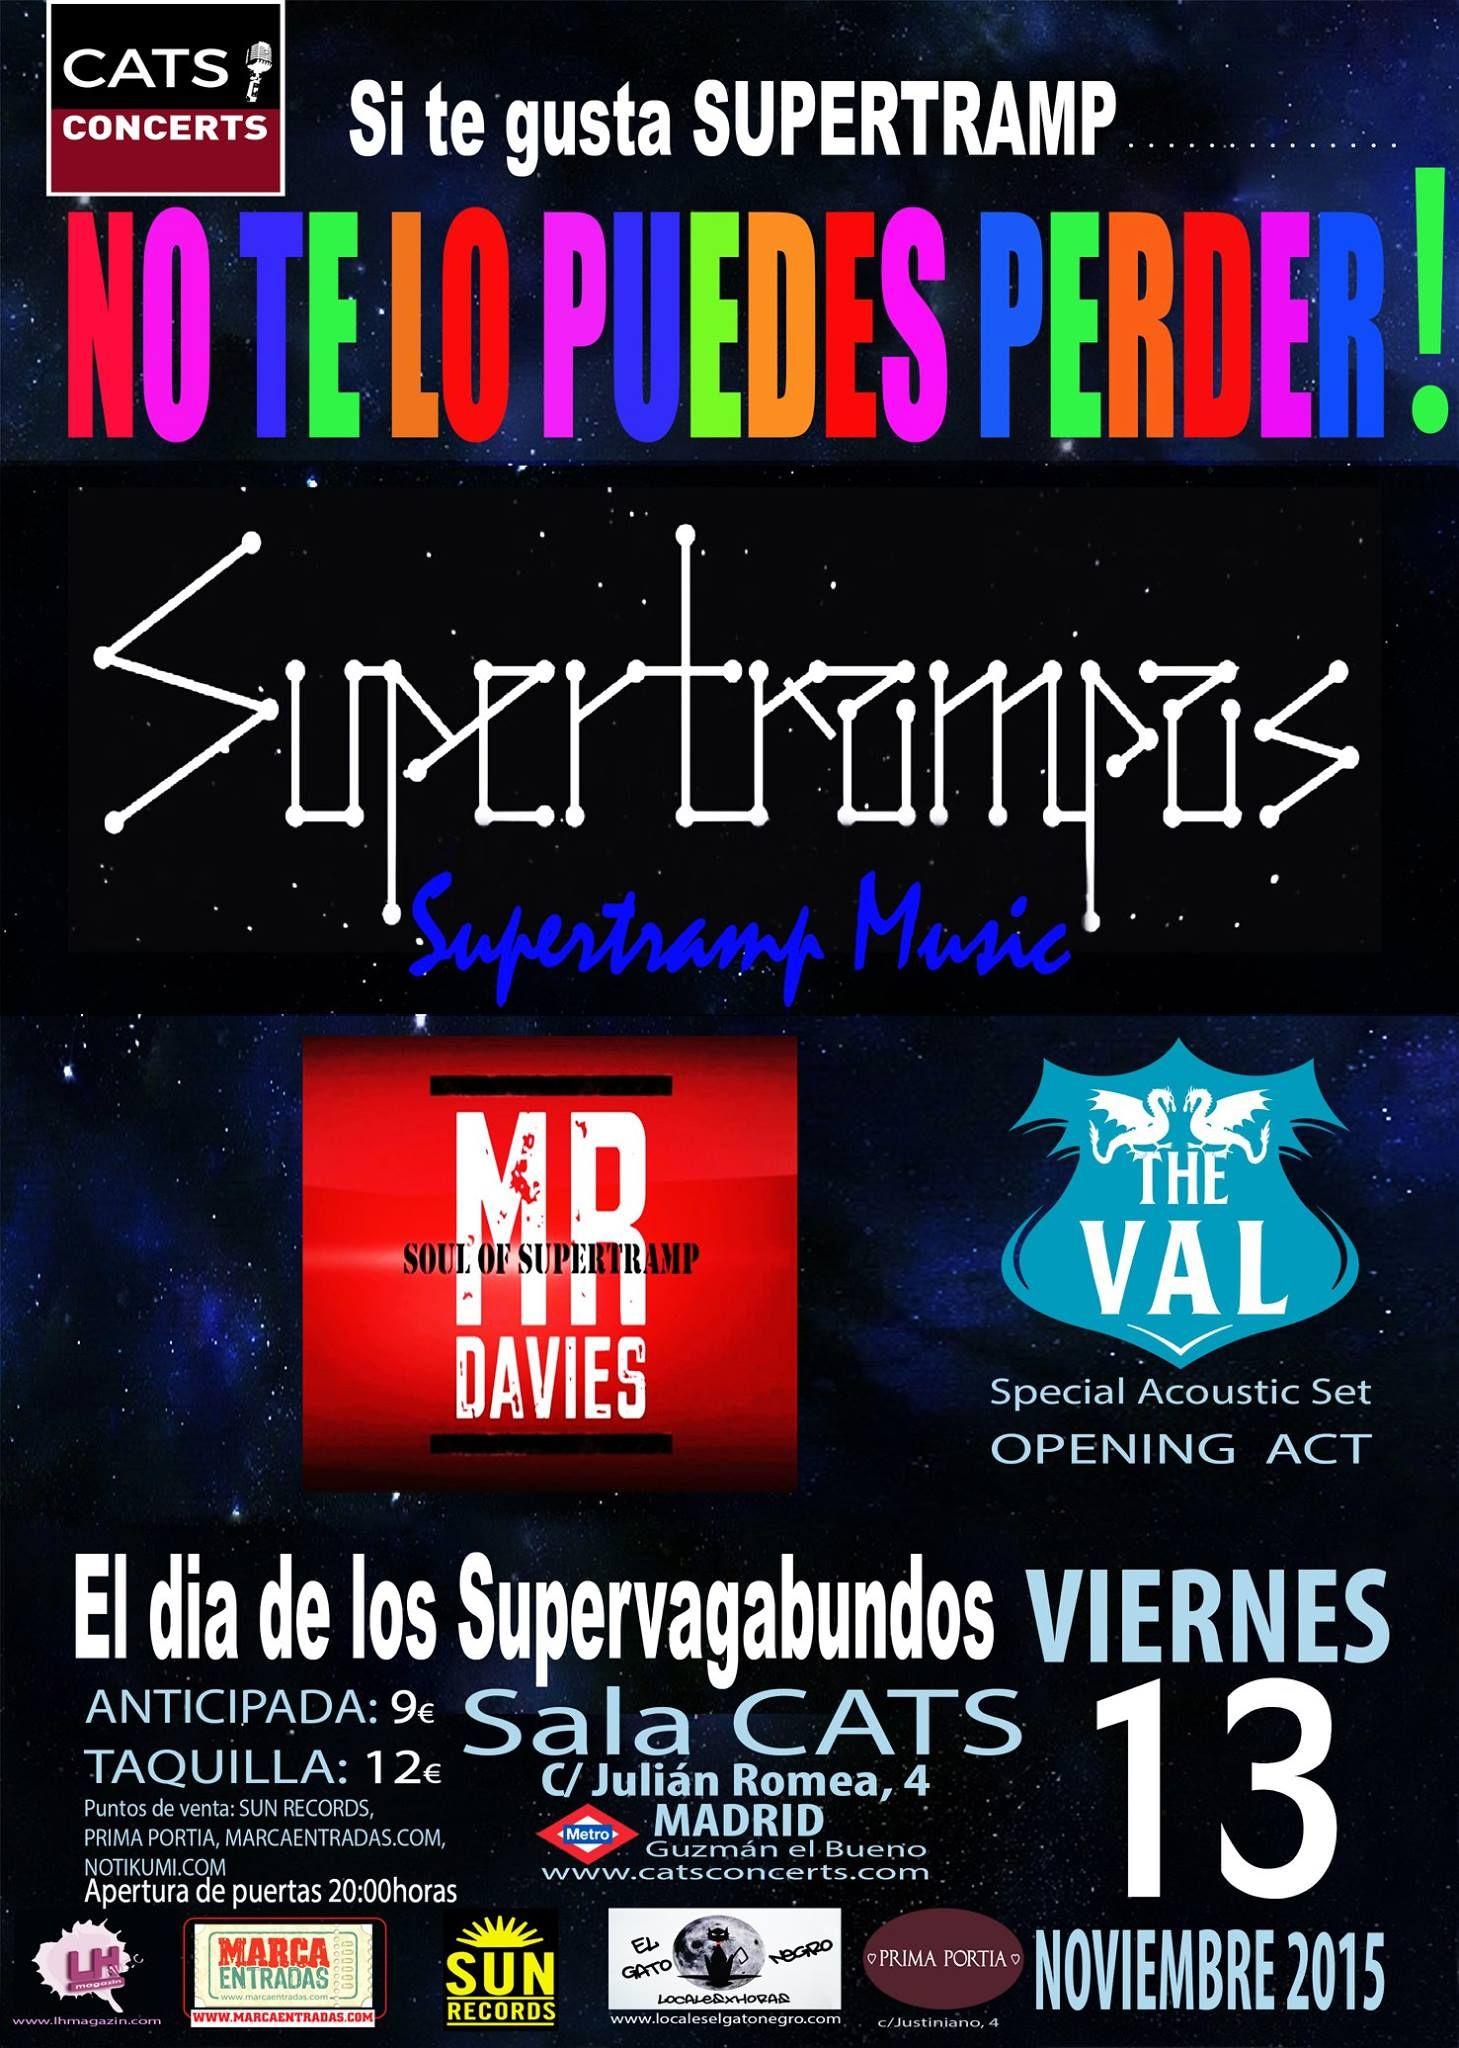 Concierto De Supertrampas The Val En Madrid Concierto Canciones Y Festivales